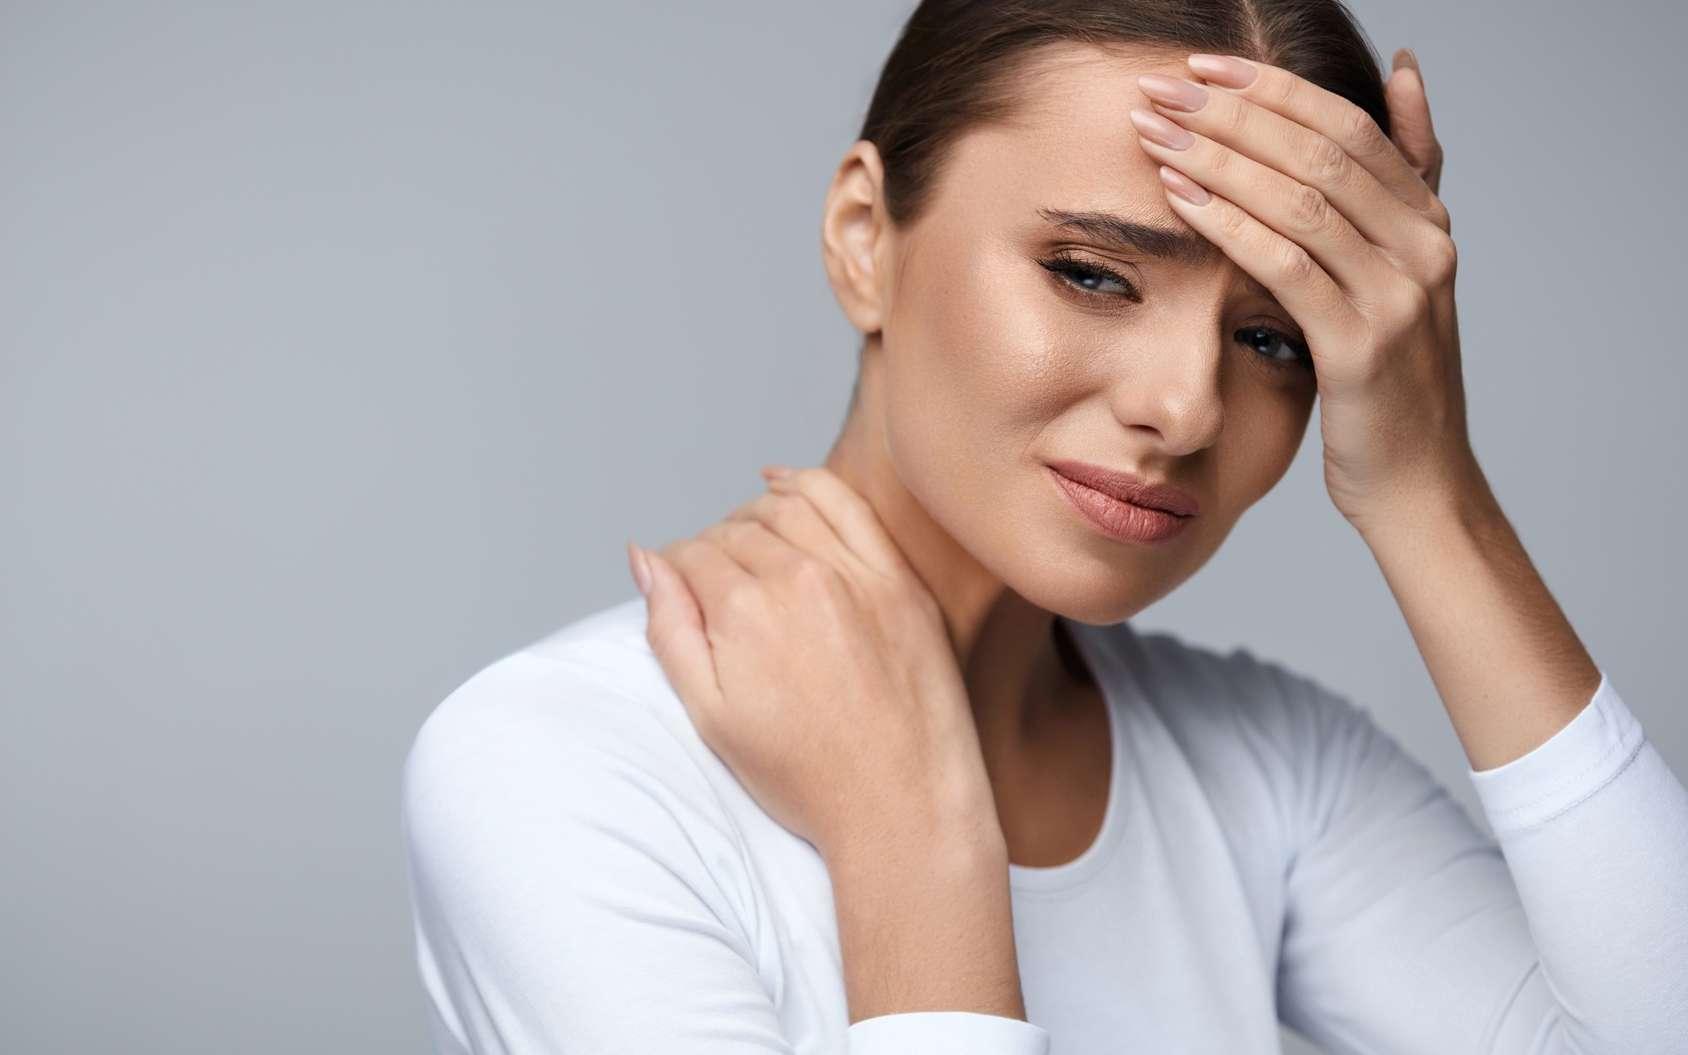 La fibromyalgie est une maladie chronique caractérisée par des douleurs et une fatigue générale. © puhhha, Fotolia